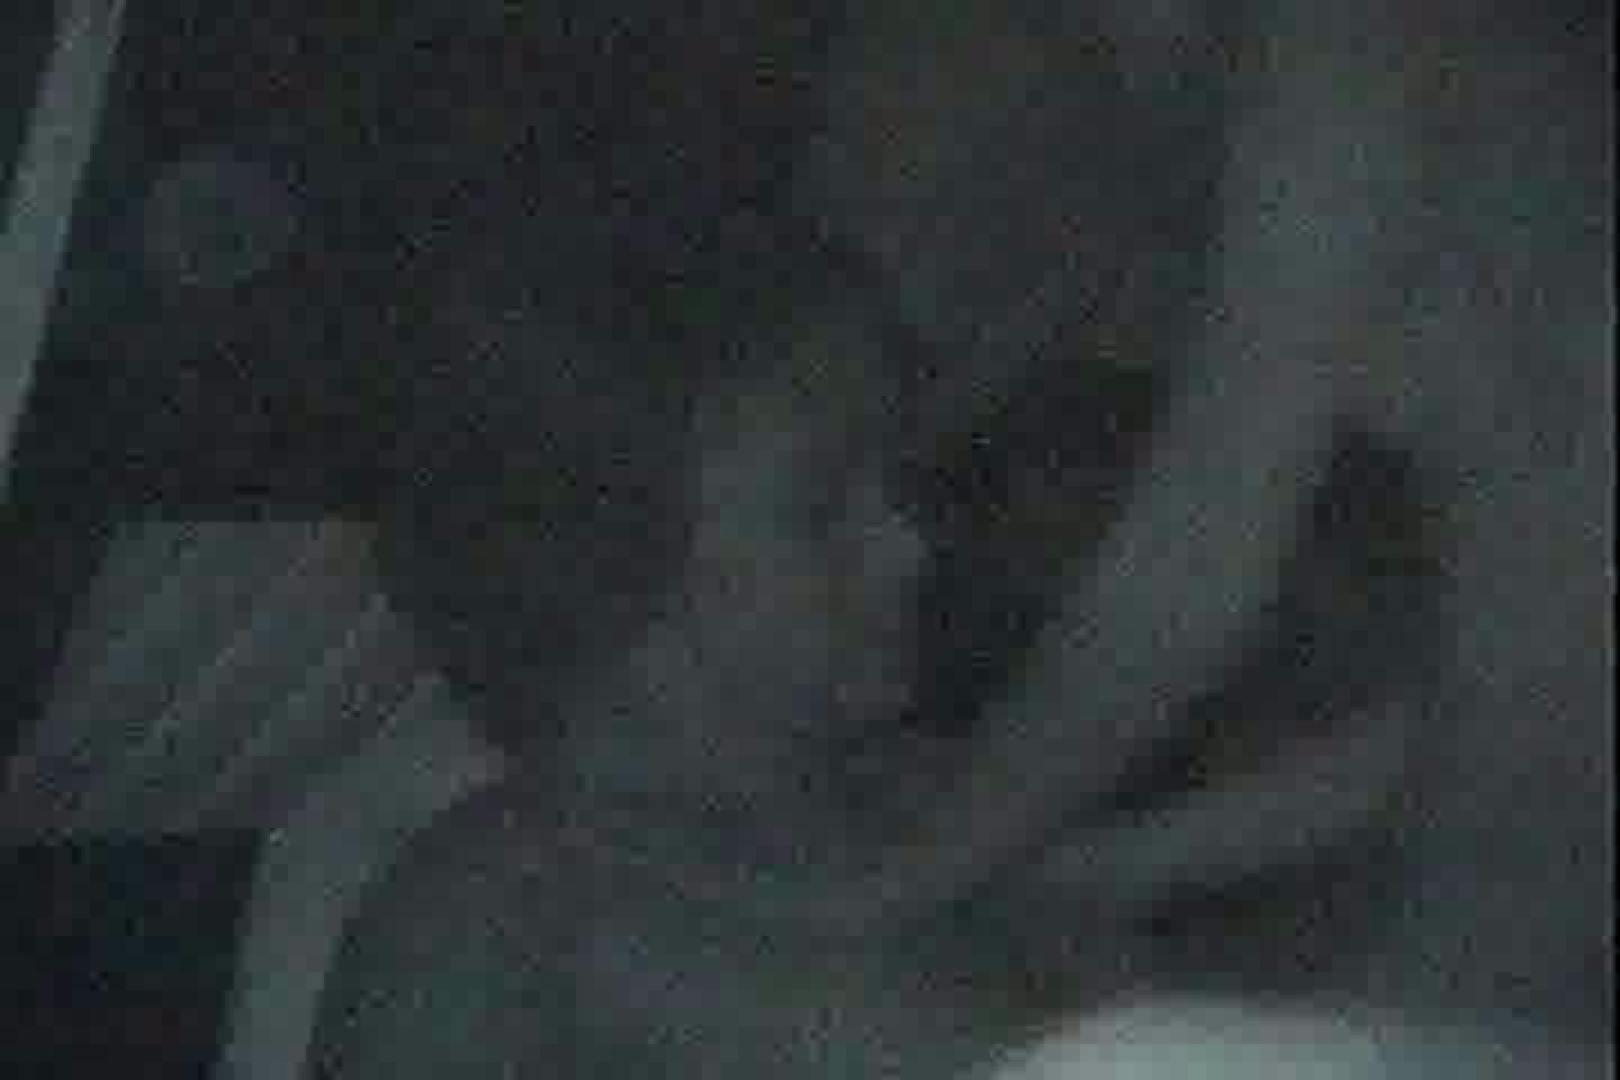 充血監督の深夜の運動会Vol.39 OLセックス | カップル  80画像 61